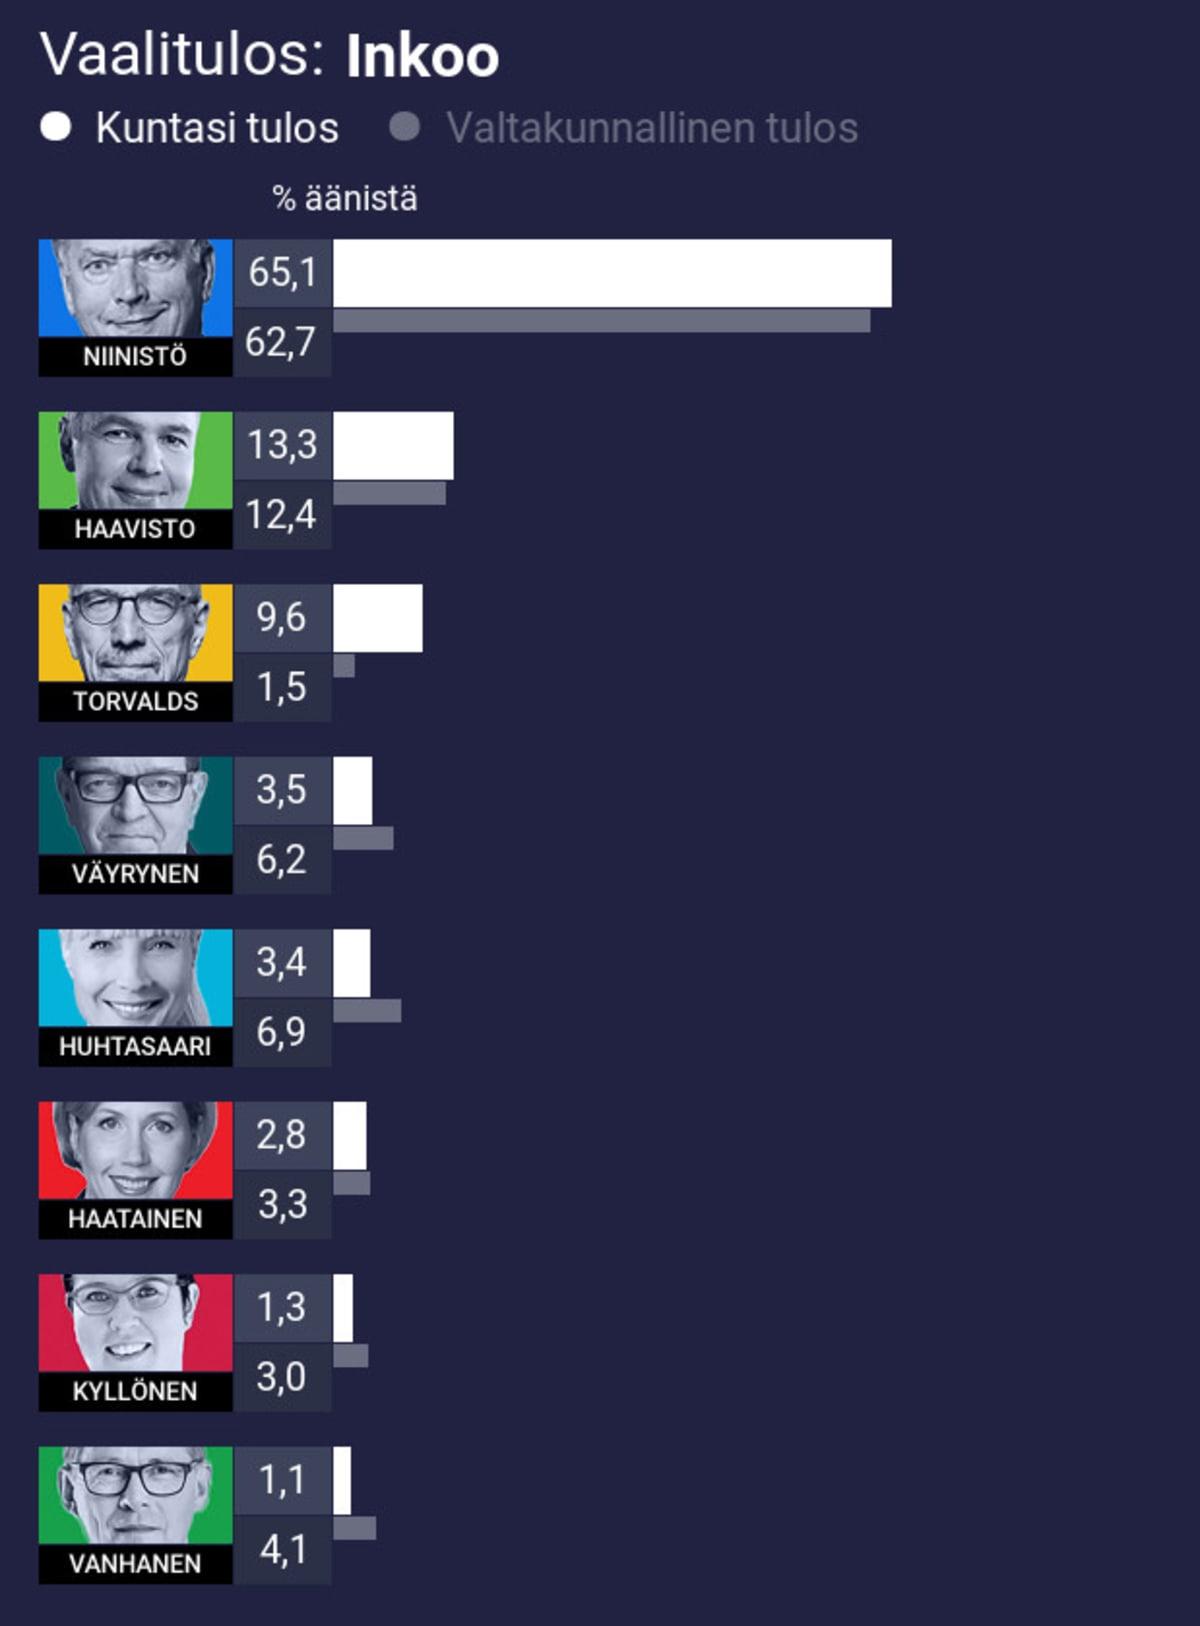 Vaalitulos: Inkoo 1. Niinistö 65,1% (koko maan 62,7%) 2. Haavisto 13,3% (koko maan 12,4%) 3. Torvalds 9,6% (koko maan 1,5%) 4. Väyrynen 3,5% (koko maan 6,2%) 5. Huhtasaari 3,4% (koko maan 6,9%) 6. Haatainen 2,8% (koko maan 3,3%) 7. Kyllönen 1,3% (koko maan 3,0%) 8. Vanhanen 1,1% (koko maan 4,1%)